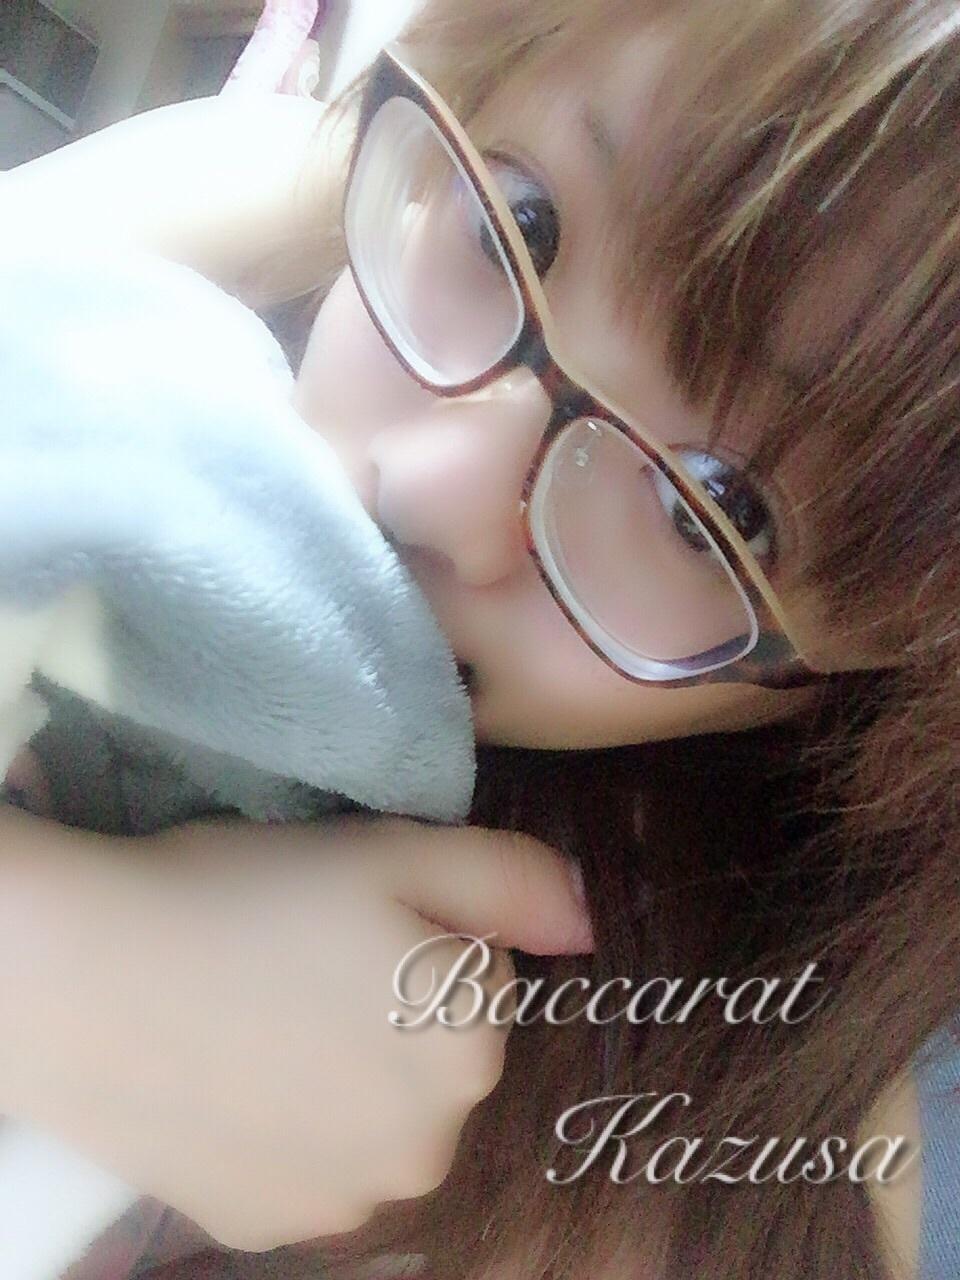 「☆寝れない理由☆」08/14(08/14) 04:05 | かずさの写メ・風俗動画